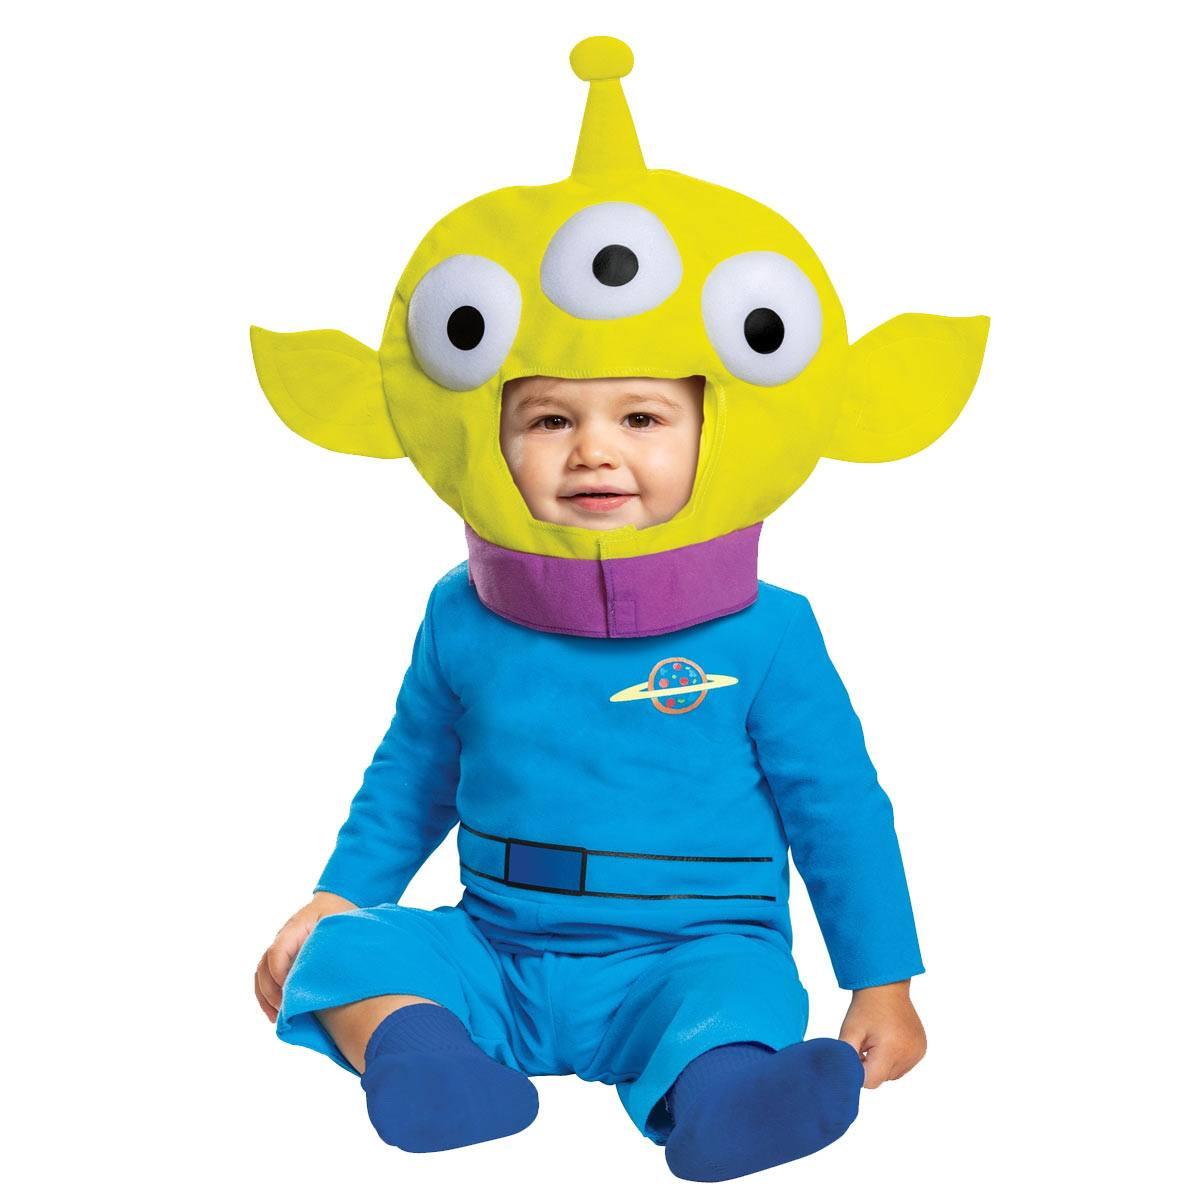 トイストーリー4 エイリアン 仮装 幼児用 衣装 ベービー用 着ぐるみ キッズ用 ハロウィン Toy Story 4